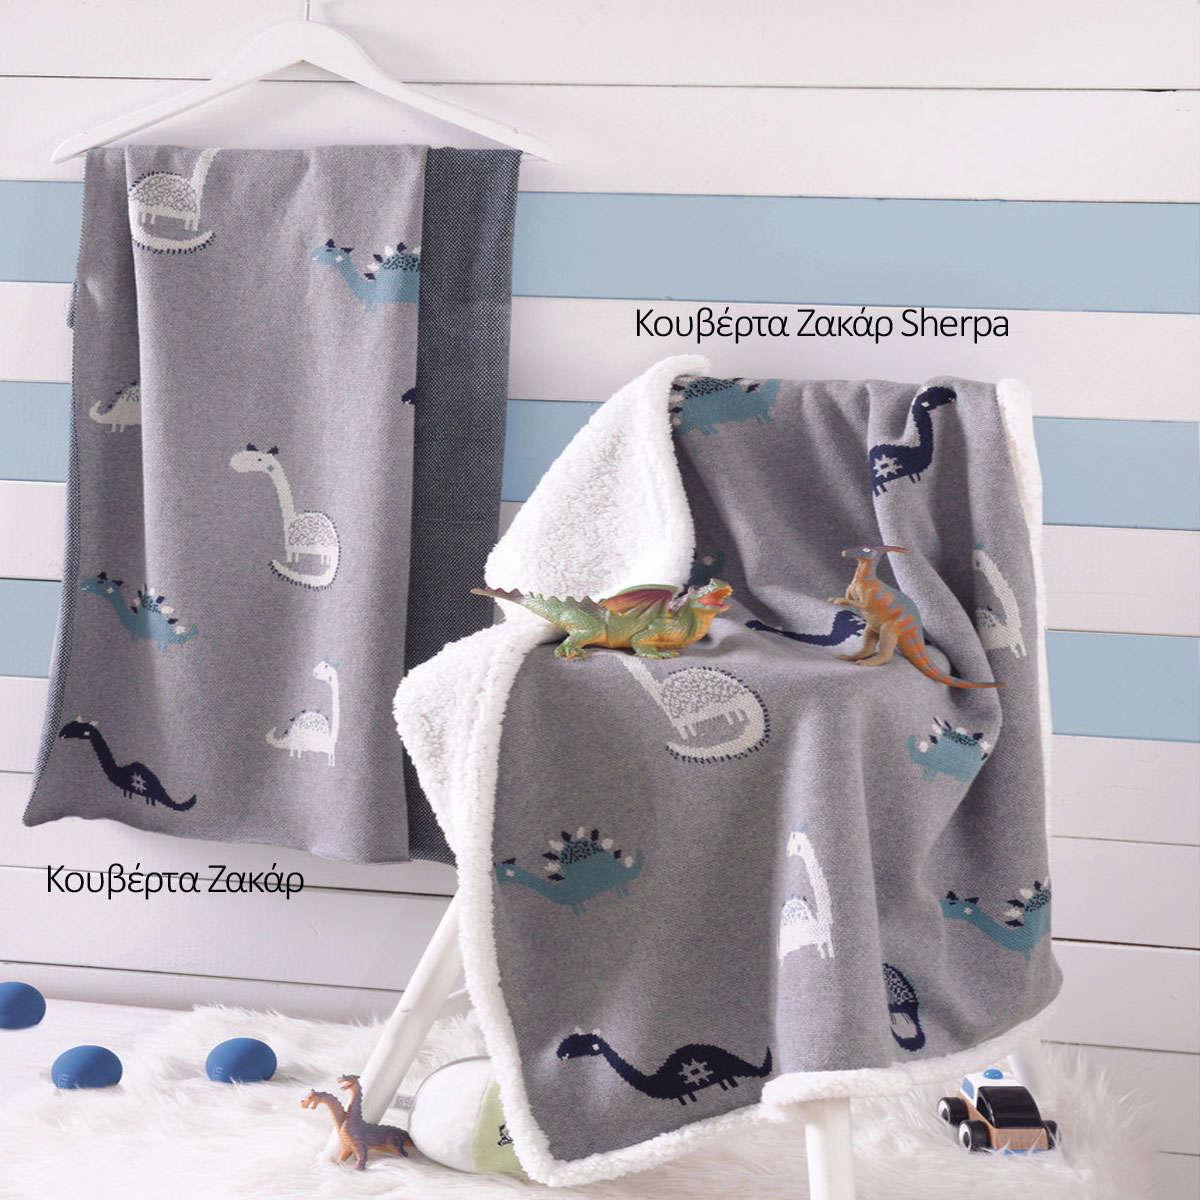 Κουβέρτα Βρεφική Ζακάρ Με Sherpa Dino Ρυθμός Αγκαλιάς 80x100cm